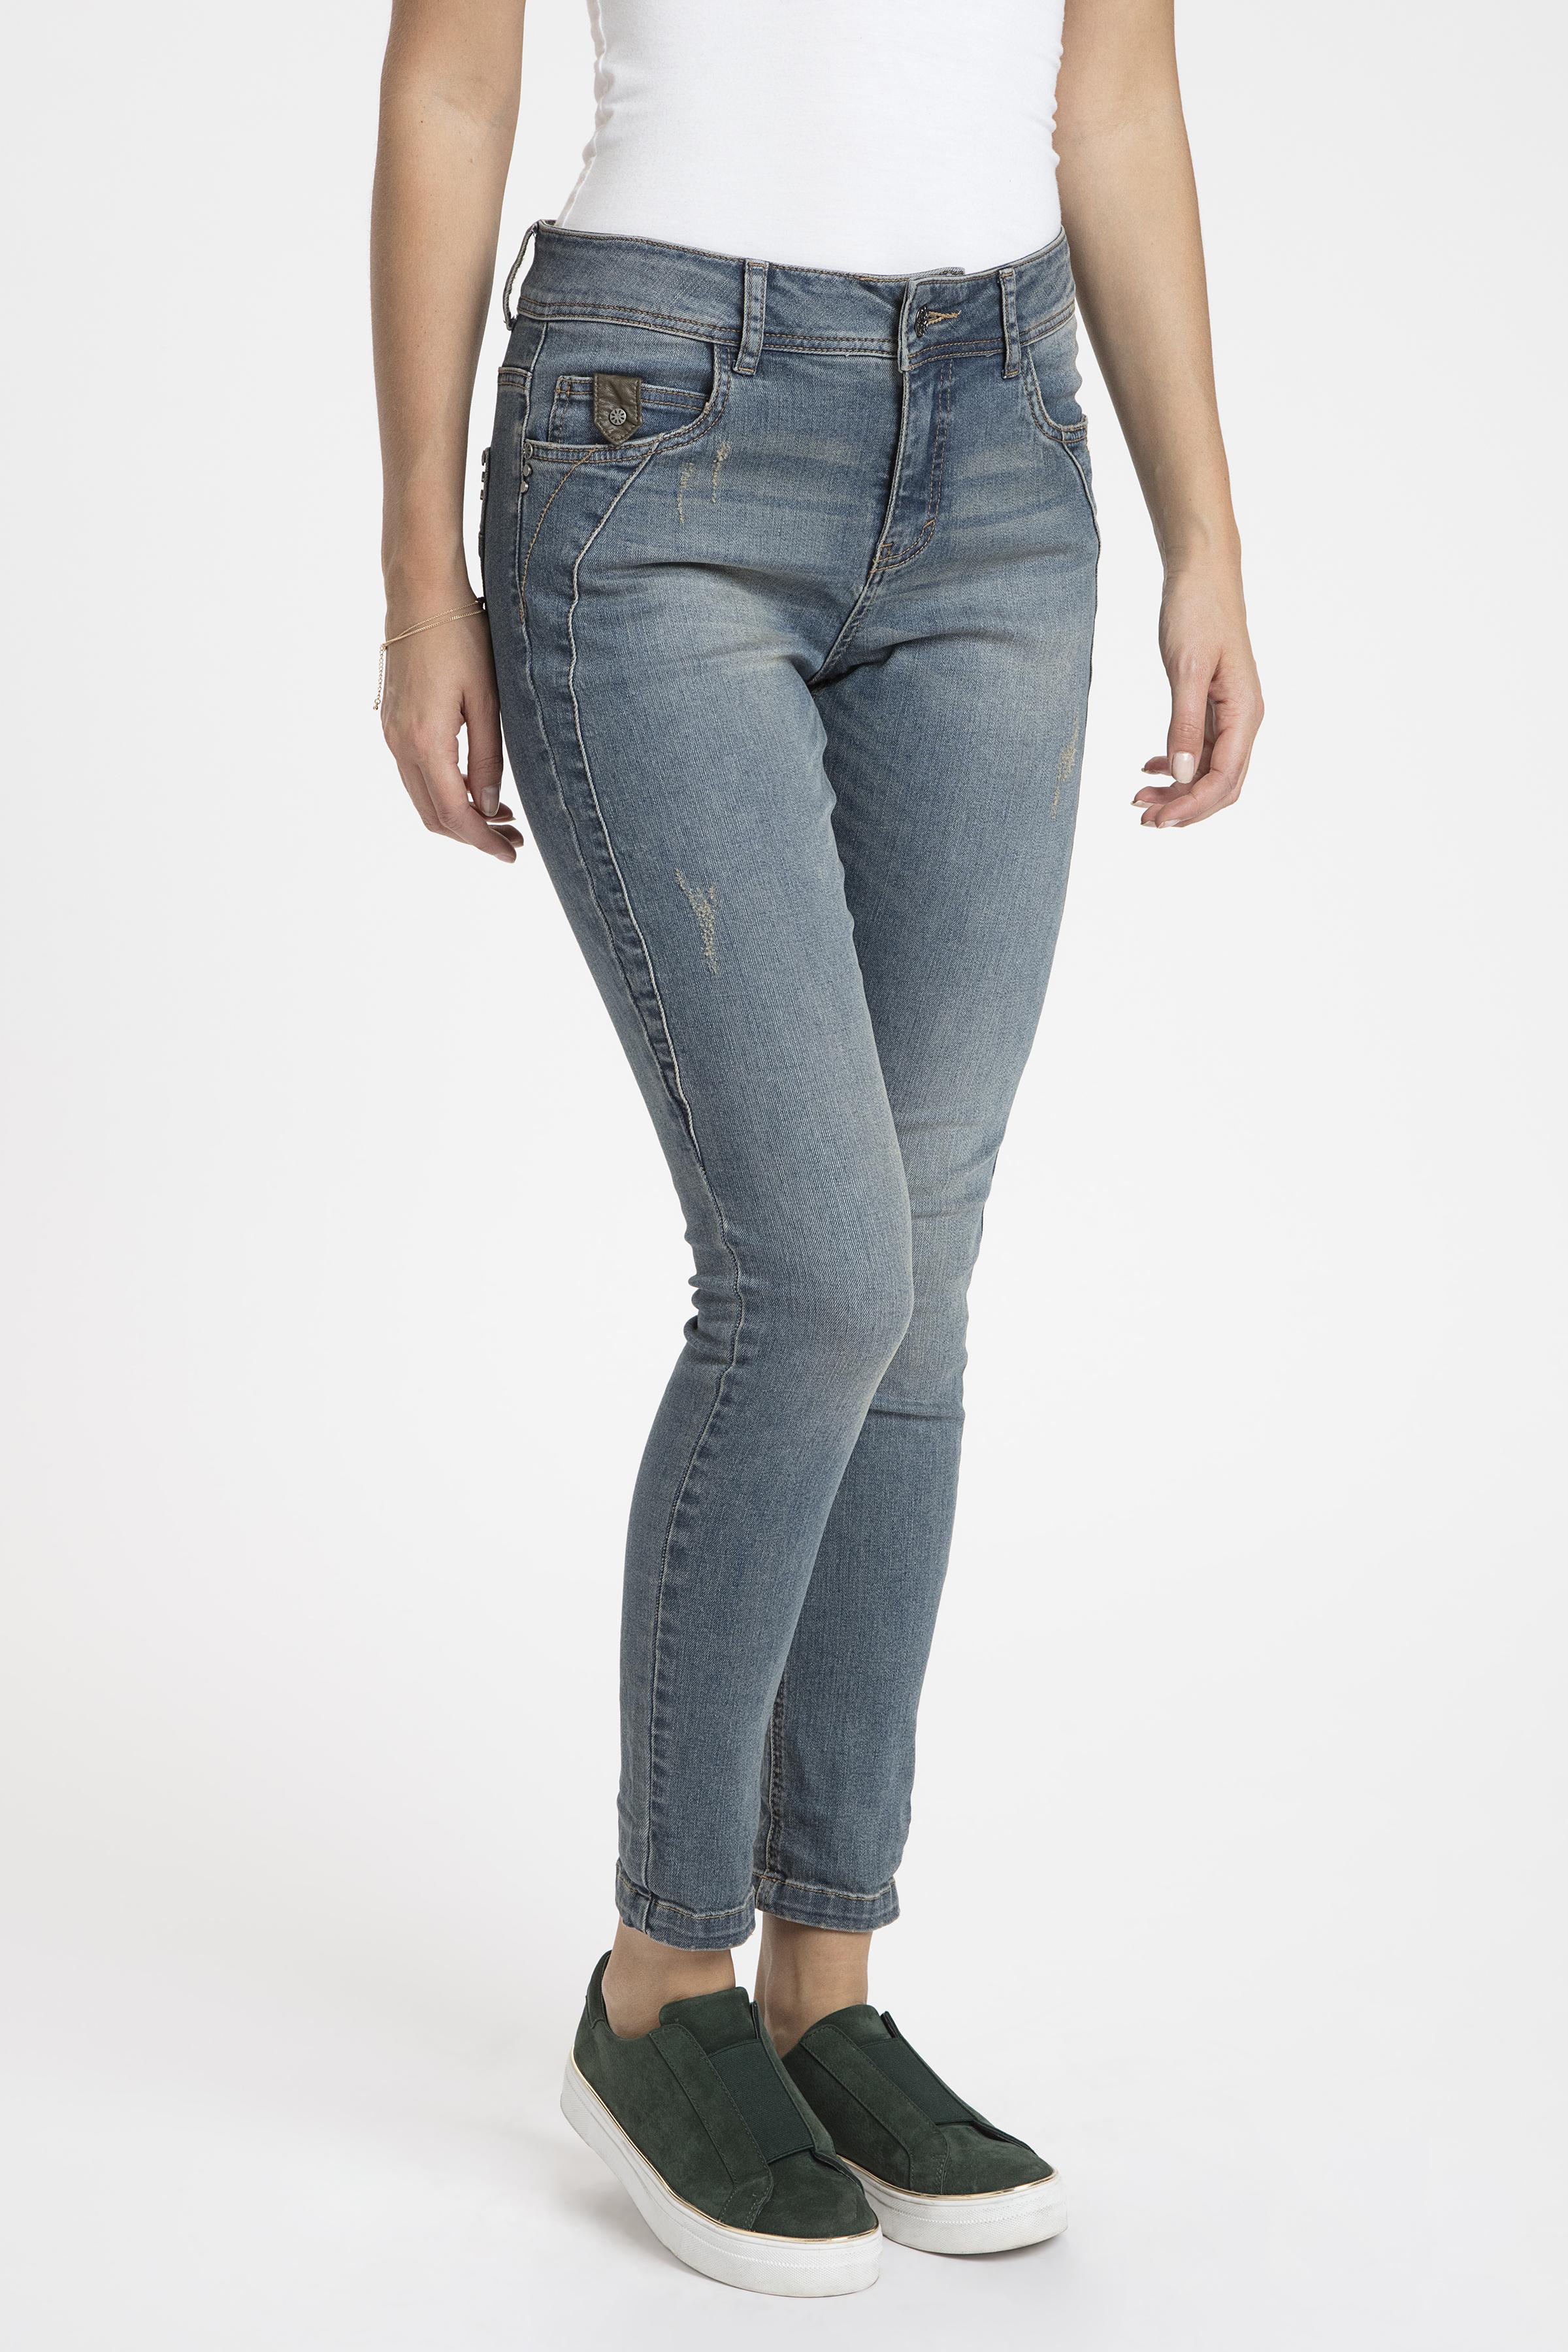 Denimblå Jeans från Bon'A Parte – Köp Denimblå Jeans från stl. 36-48 här